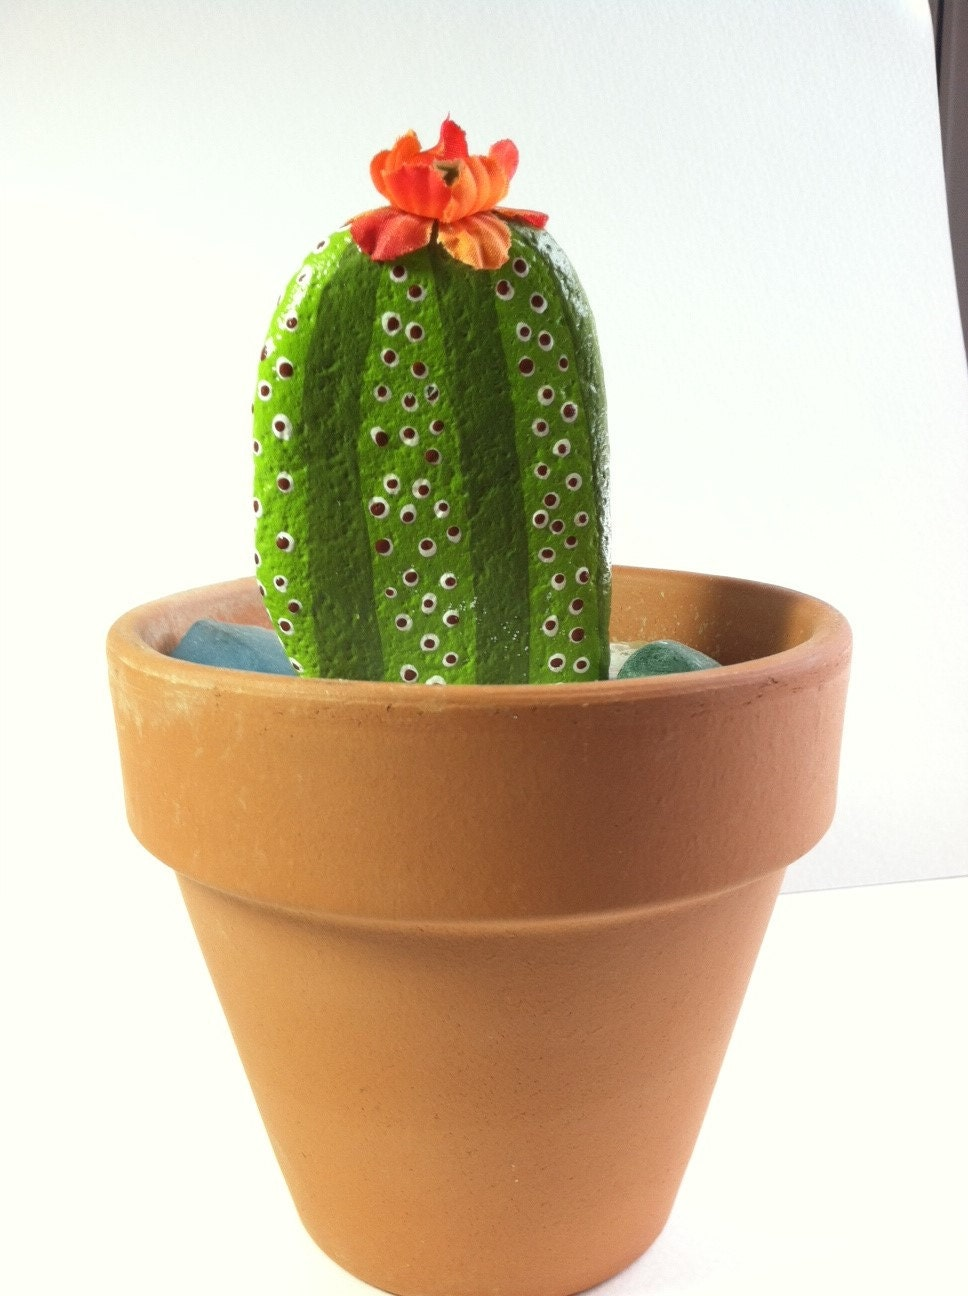 Cactus Dish Garden Hand Painted Cactus Rock Terra Cota Stone